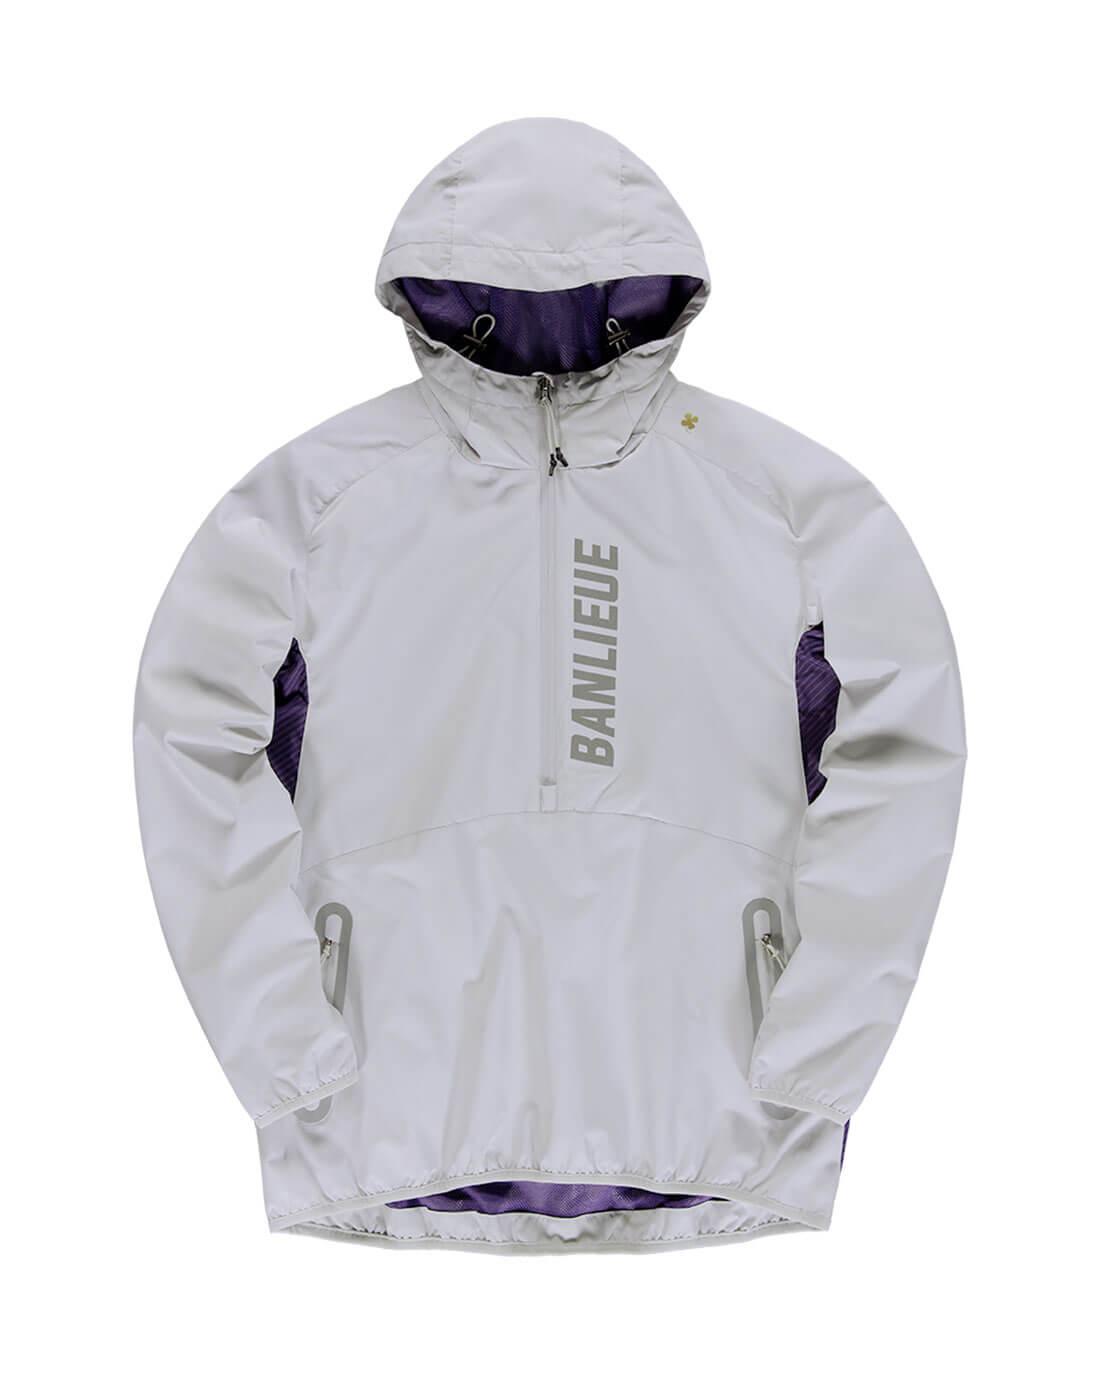 De Robey x Banlieue Anorak in de kleuren Grey en Violet Purple. Het item is voorzien van een halve rits en gevoerde capuchon met trekkoordjes. Op de zijkant is de Anorak afgewerkt met een grafische tie-dye print. De reflective branding op de voor- en achterkant zorgen ervoor dat je ook in het donker goed zichtbaar bent. Gemaakt van 100% polyester.